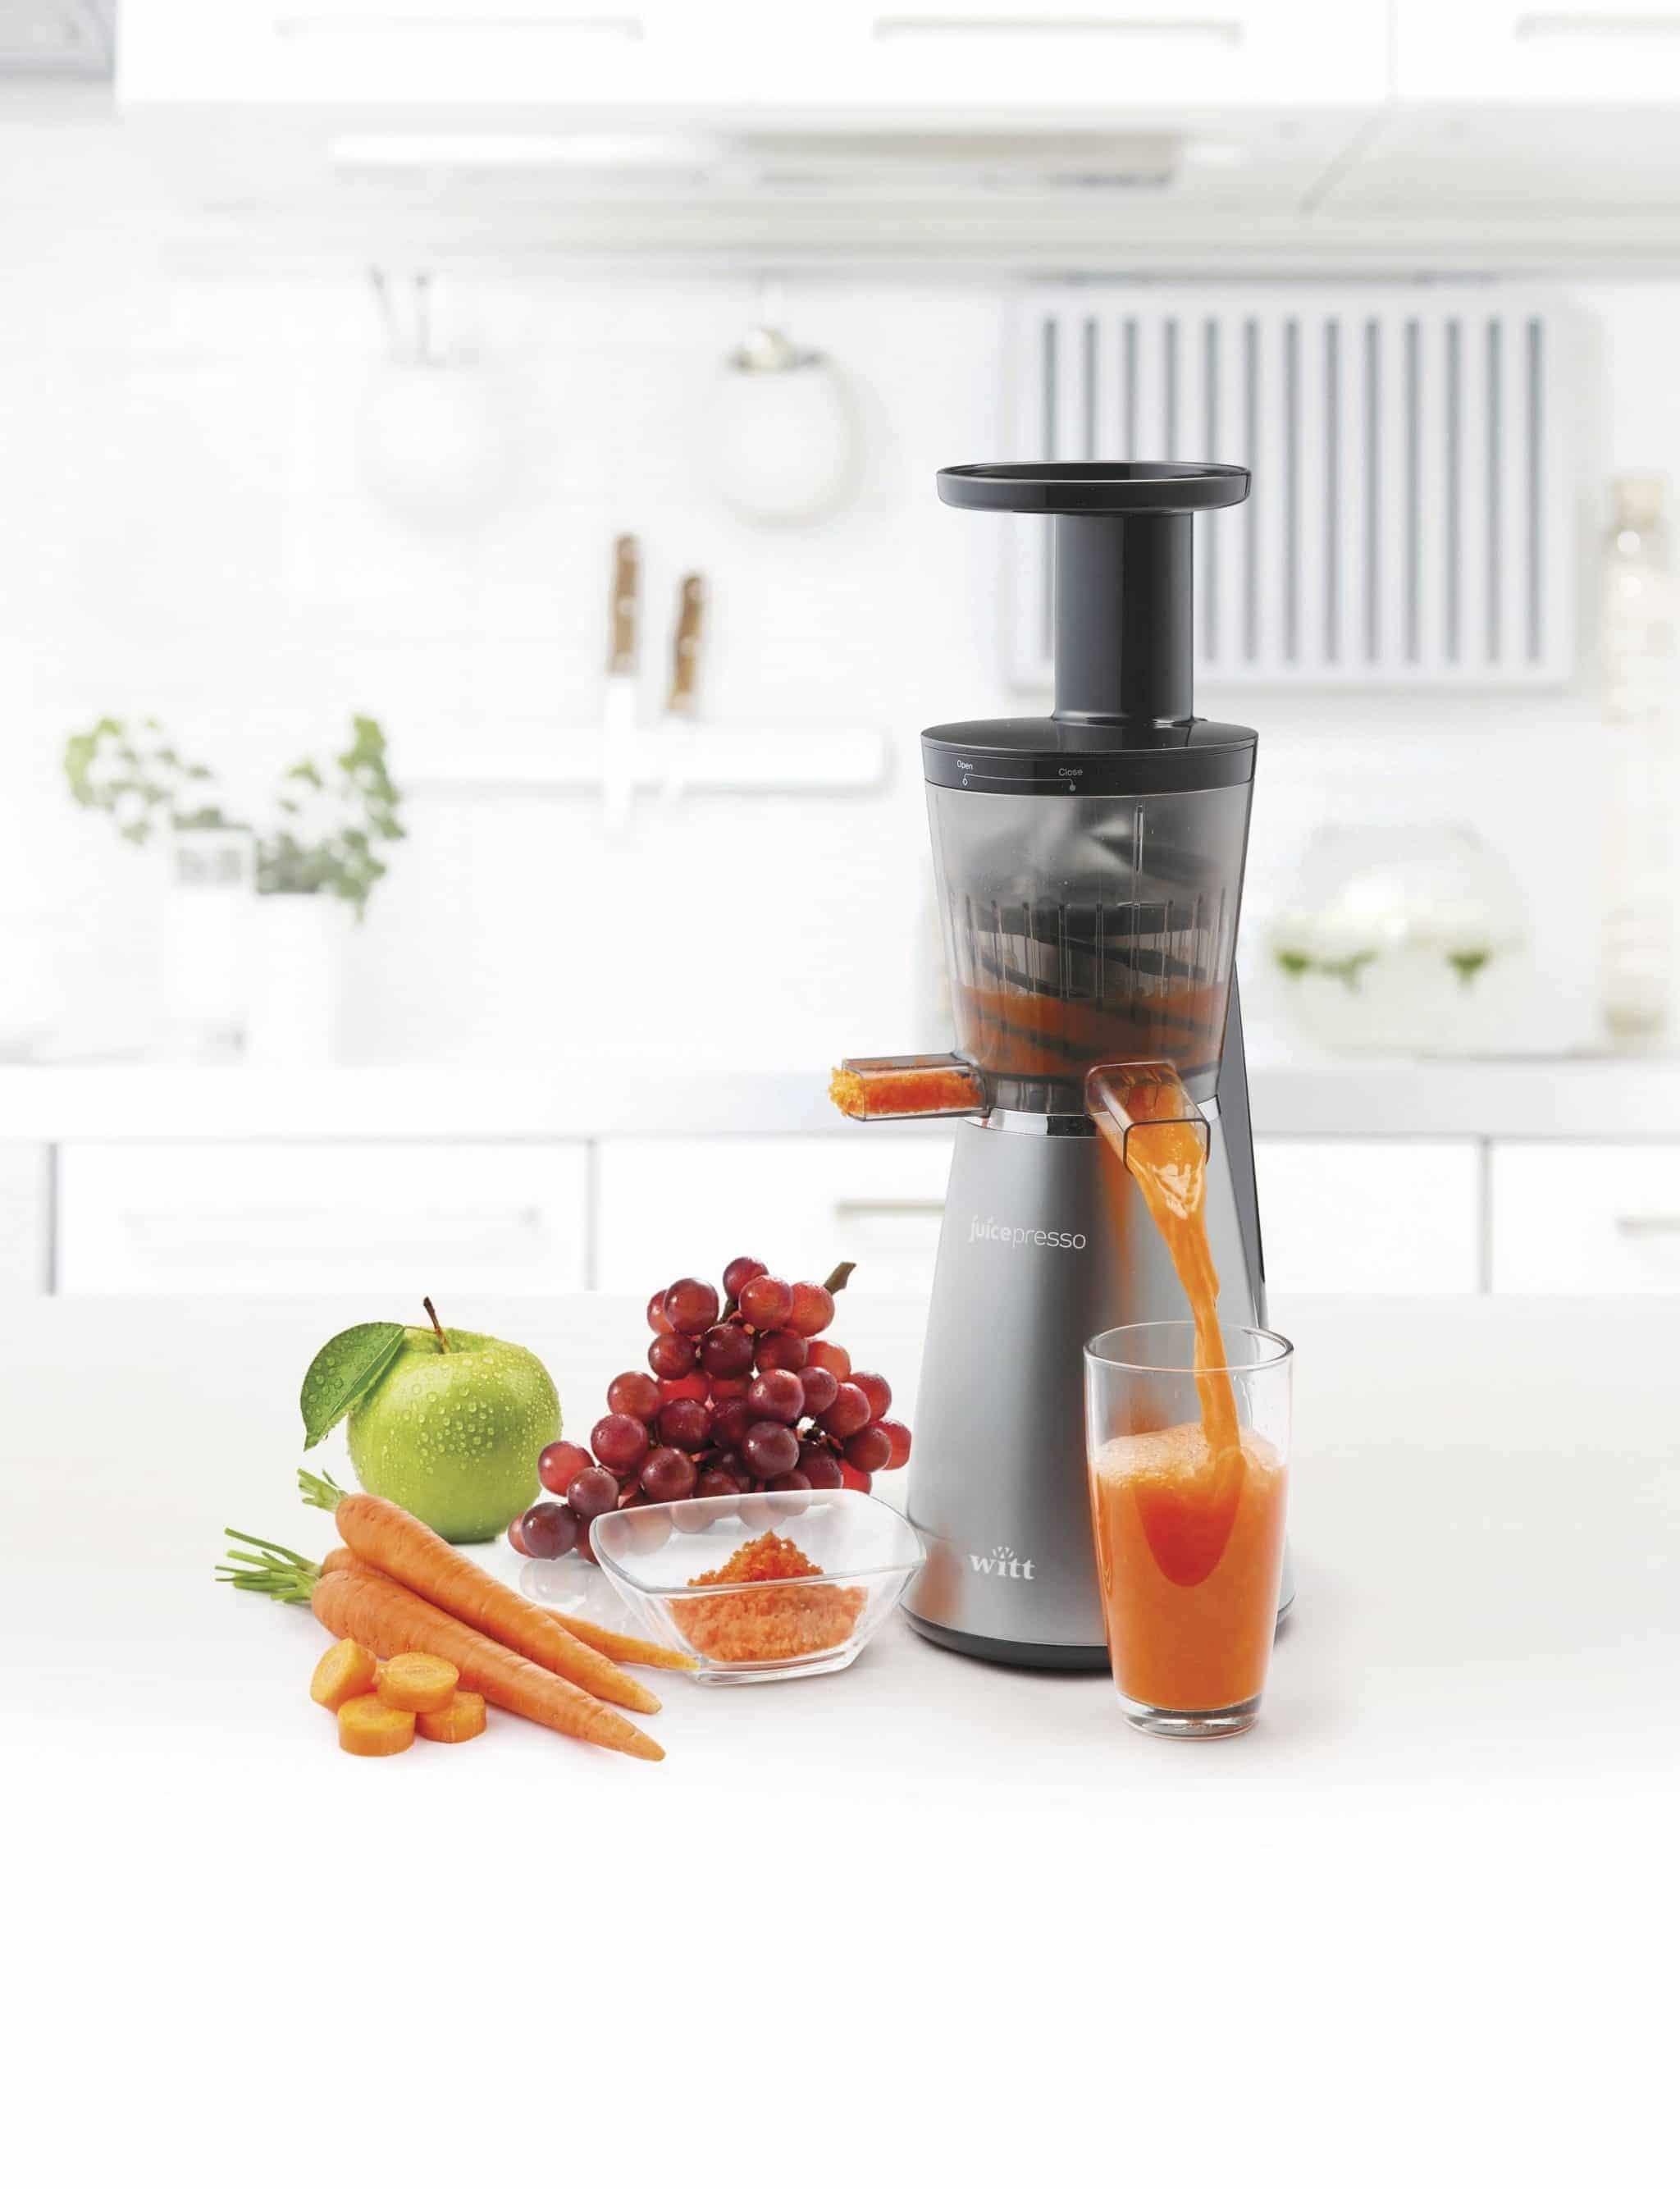 Witt juicepresso juicer